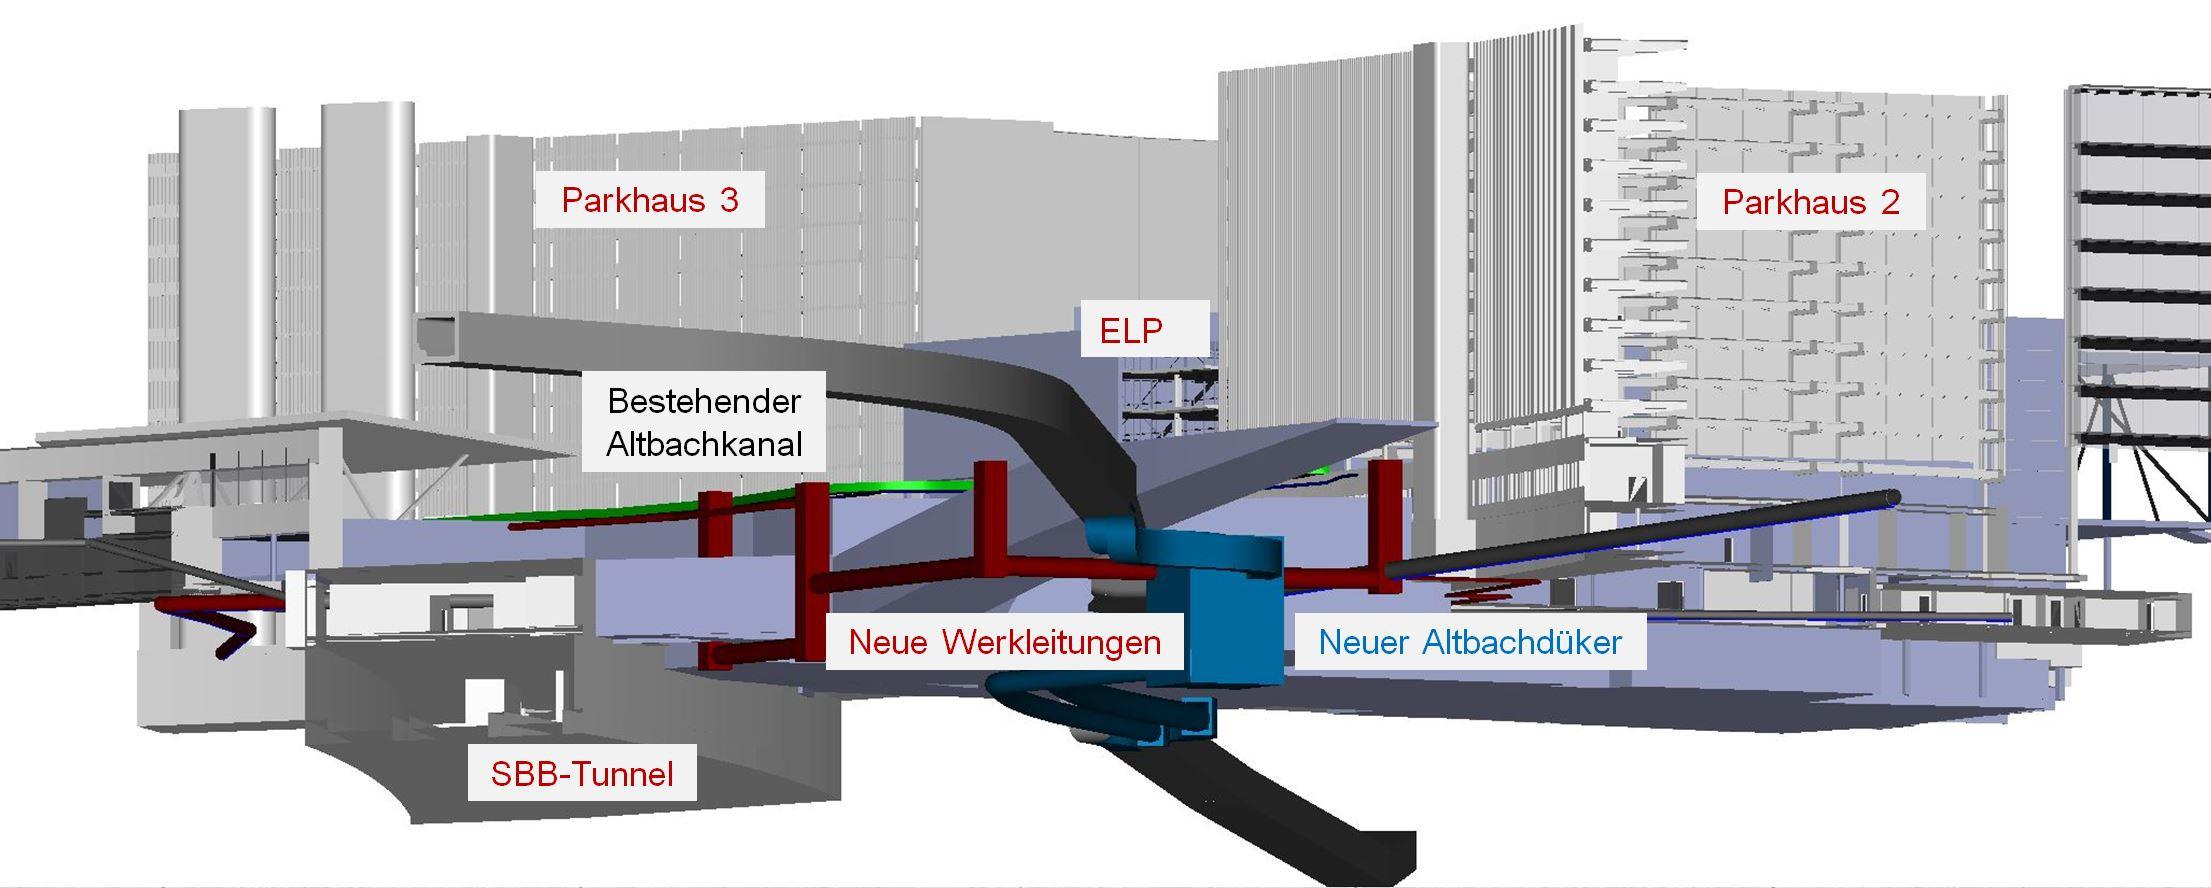 Projekt ELP (Erweiterung landseitige Passagierflächen)